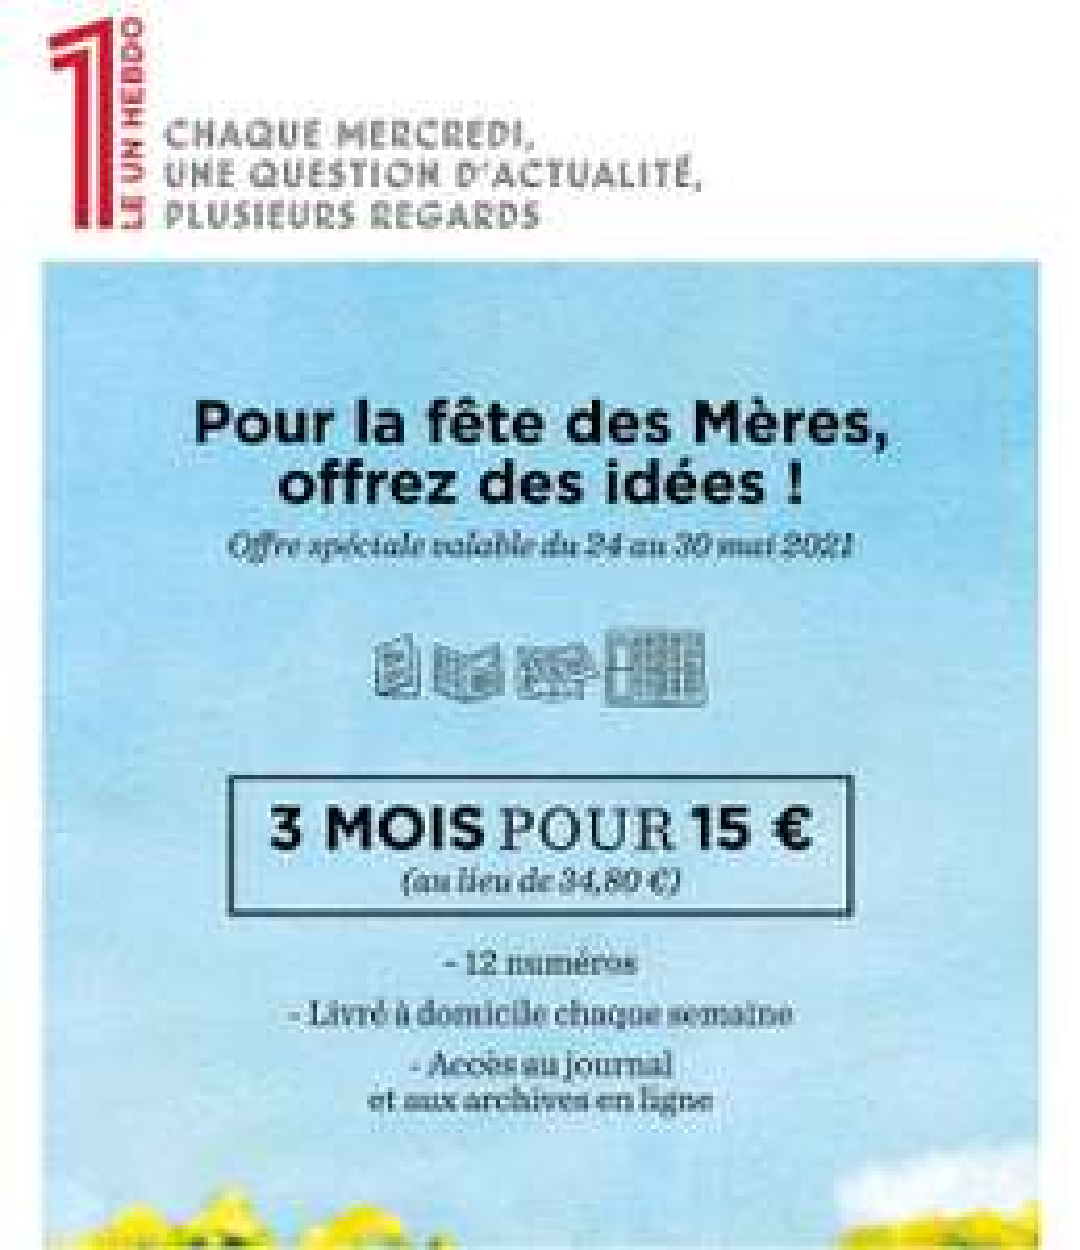 3 mois d'abonnement au journal Le 1 Hebdo (12 numéros) - boutique.le1hebdo.fr